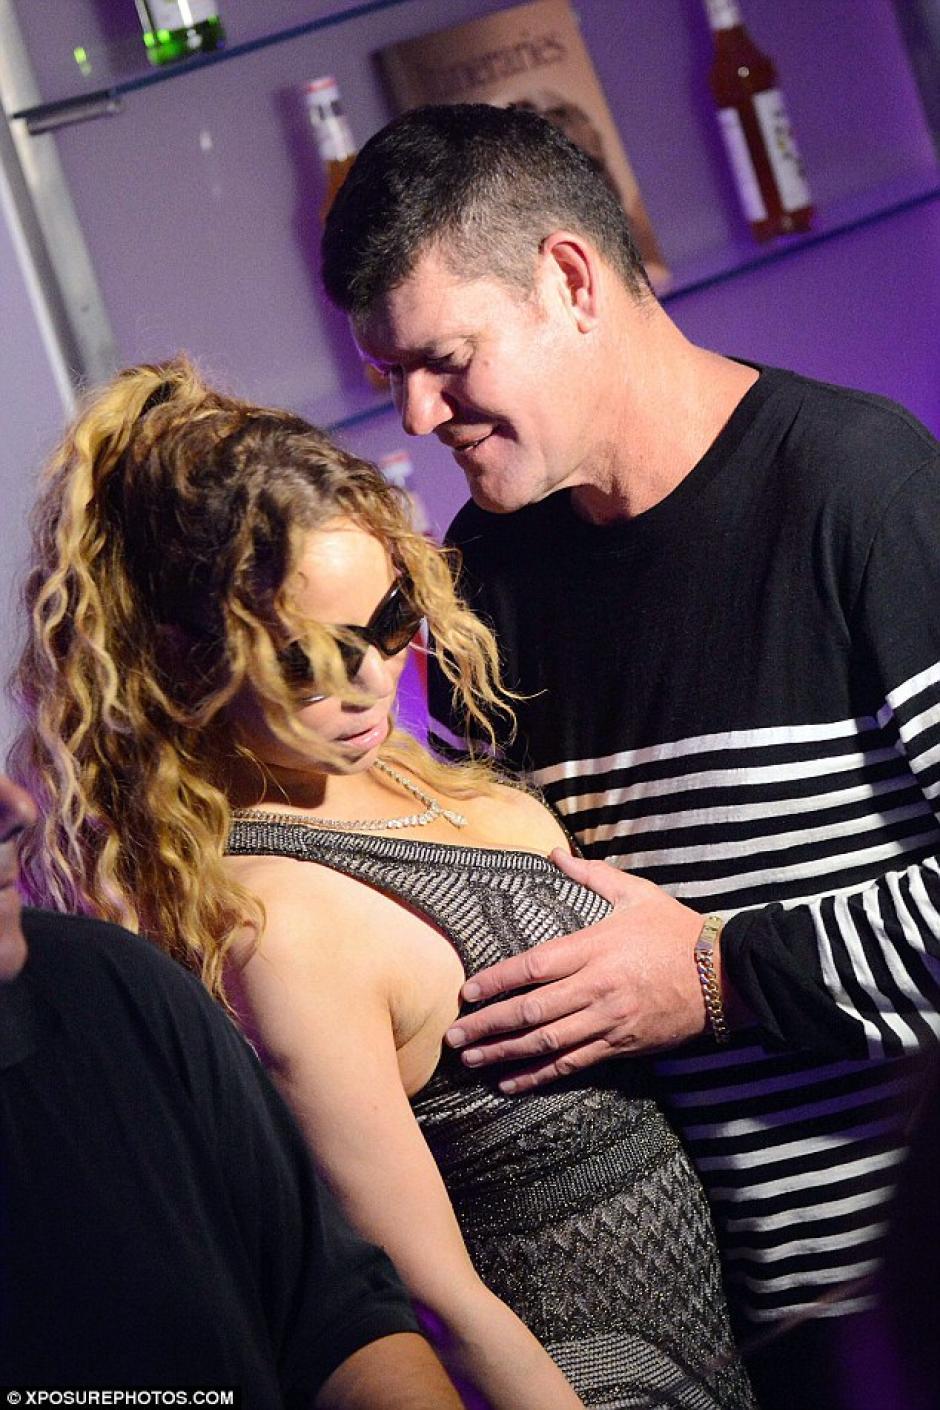 James dejó muy claro que existe mucha confianza con Mariah como para hacerse esta clase de cariñitos en público. (Foto: Exposure Photos)